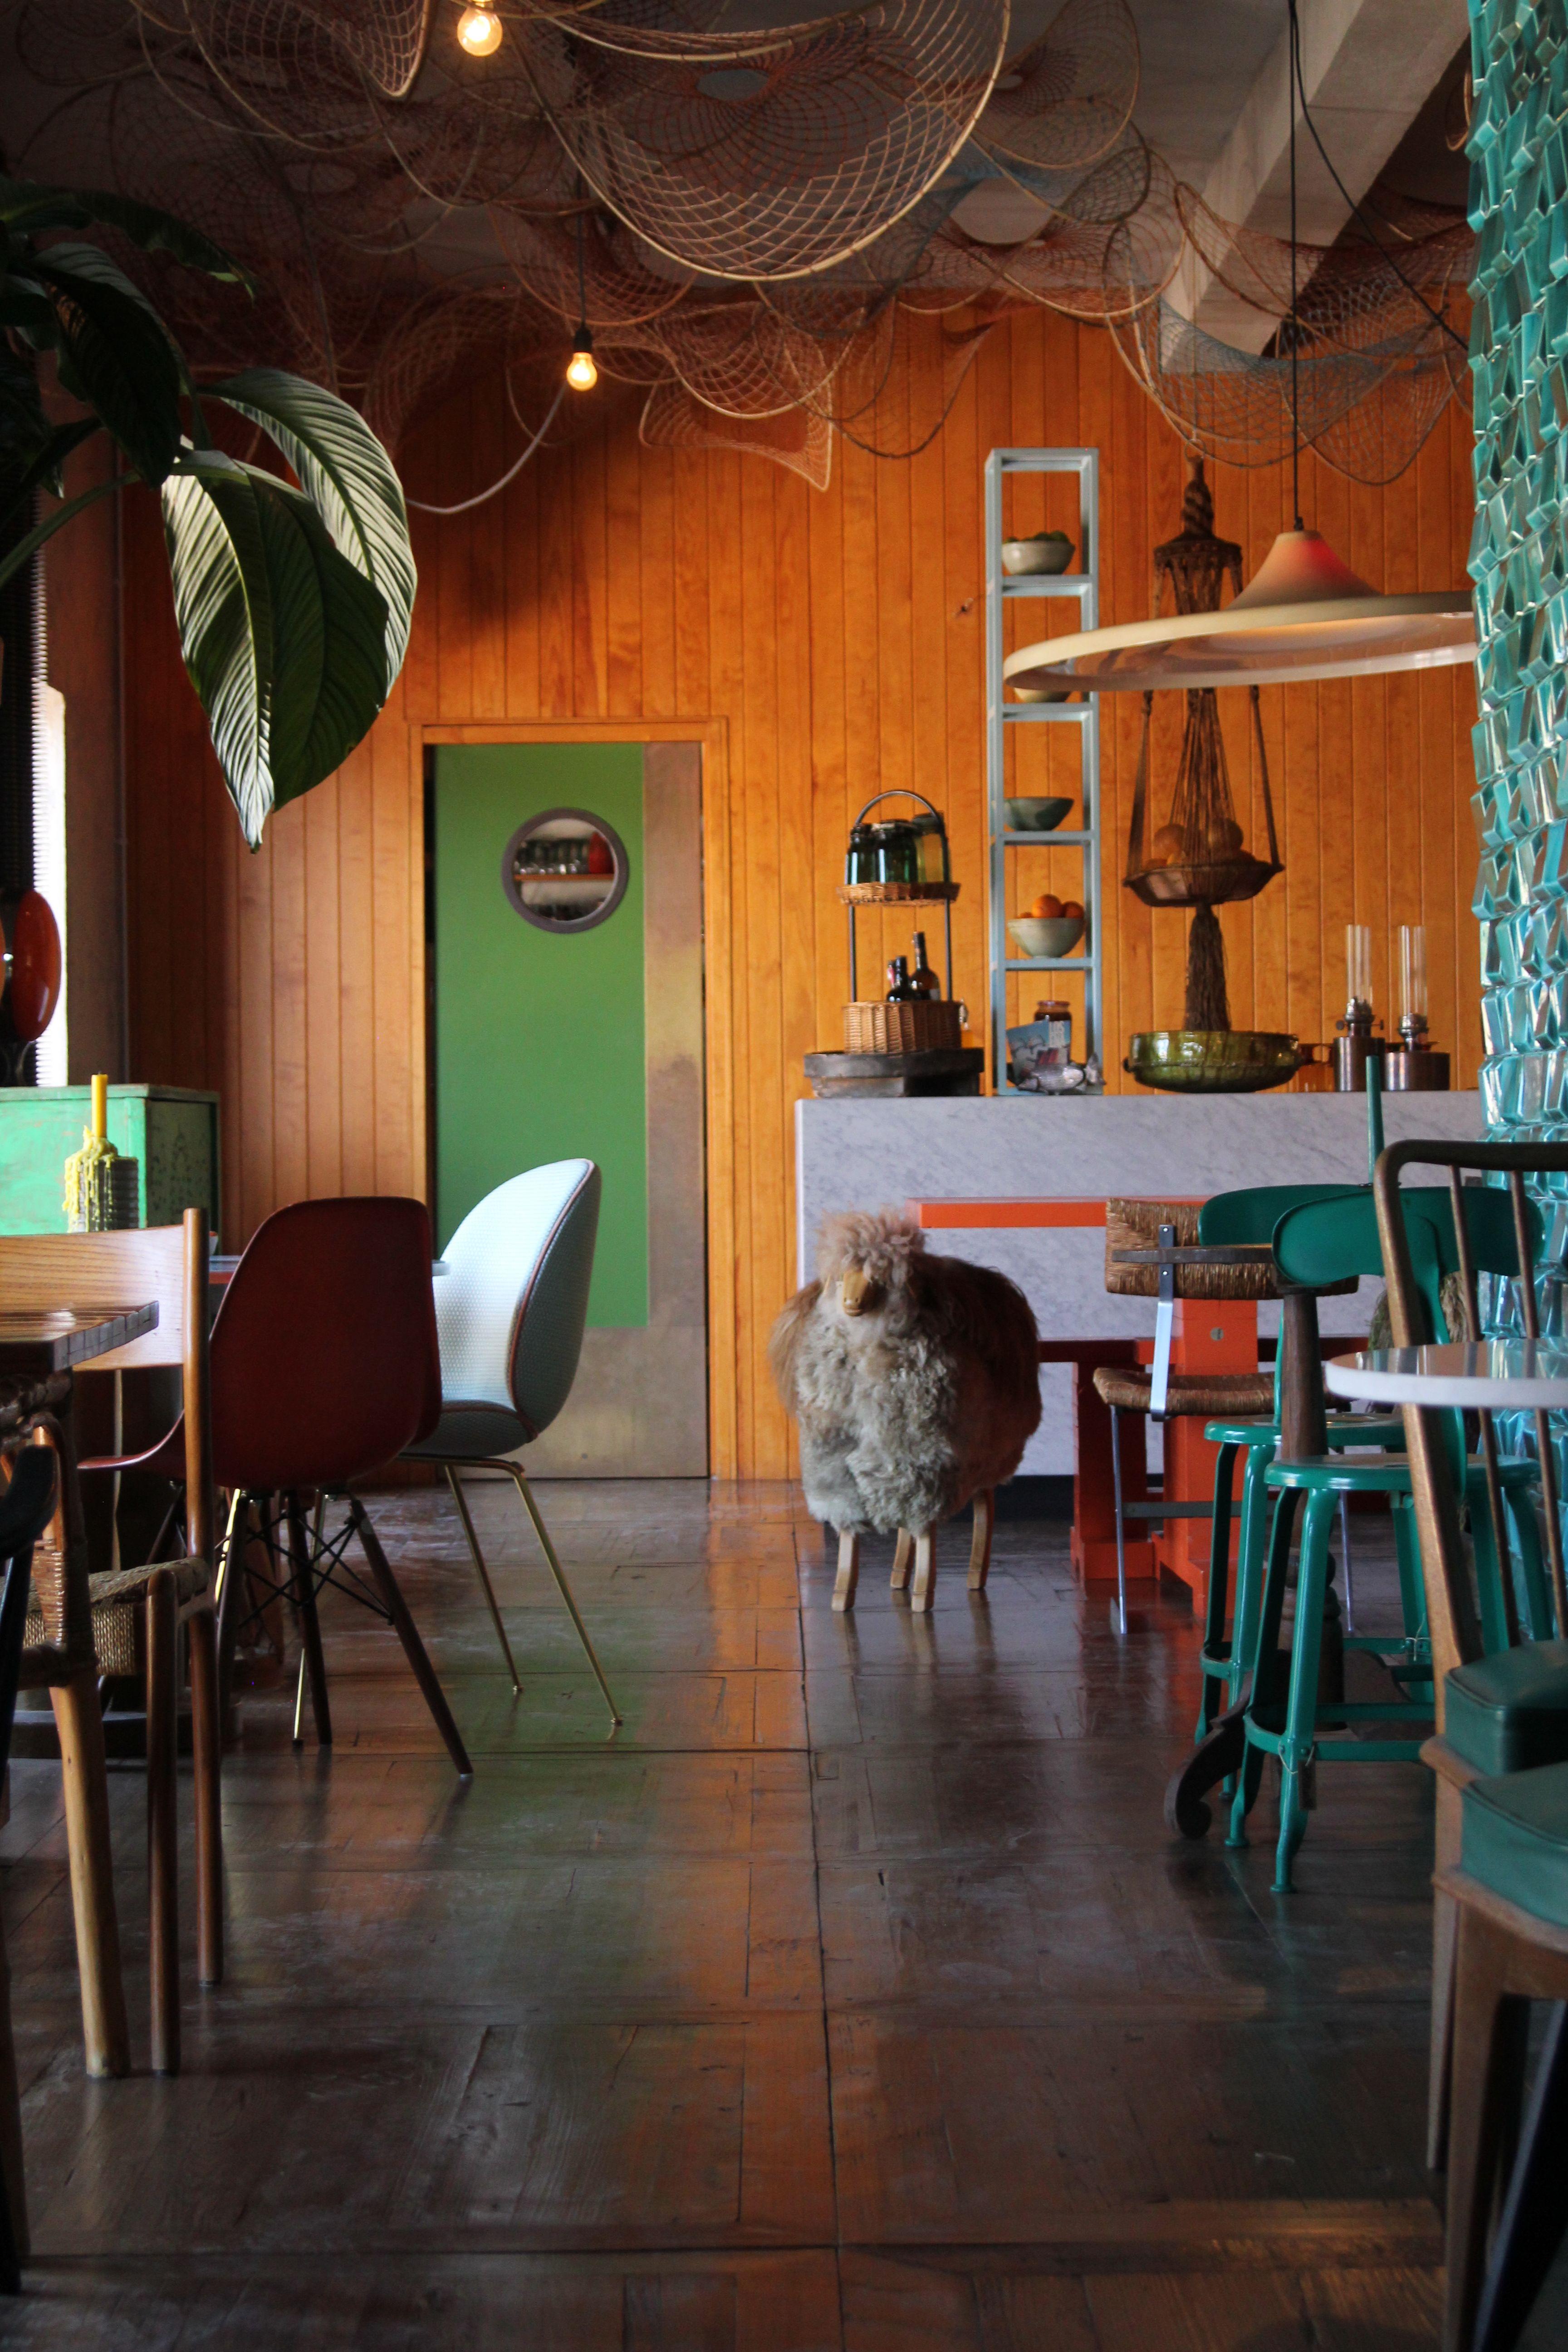 Brocante En Ligne Selency los enamorados hotel - ibiza / bar / restaurant / vintage